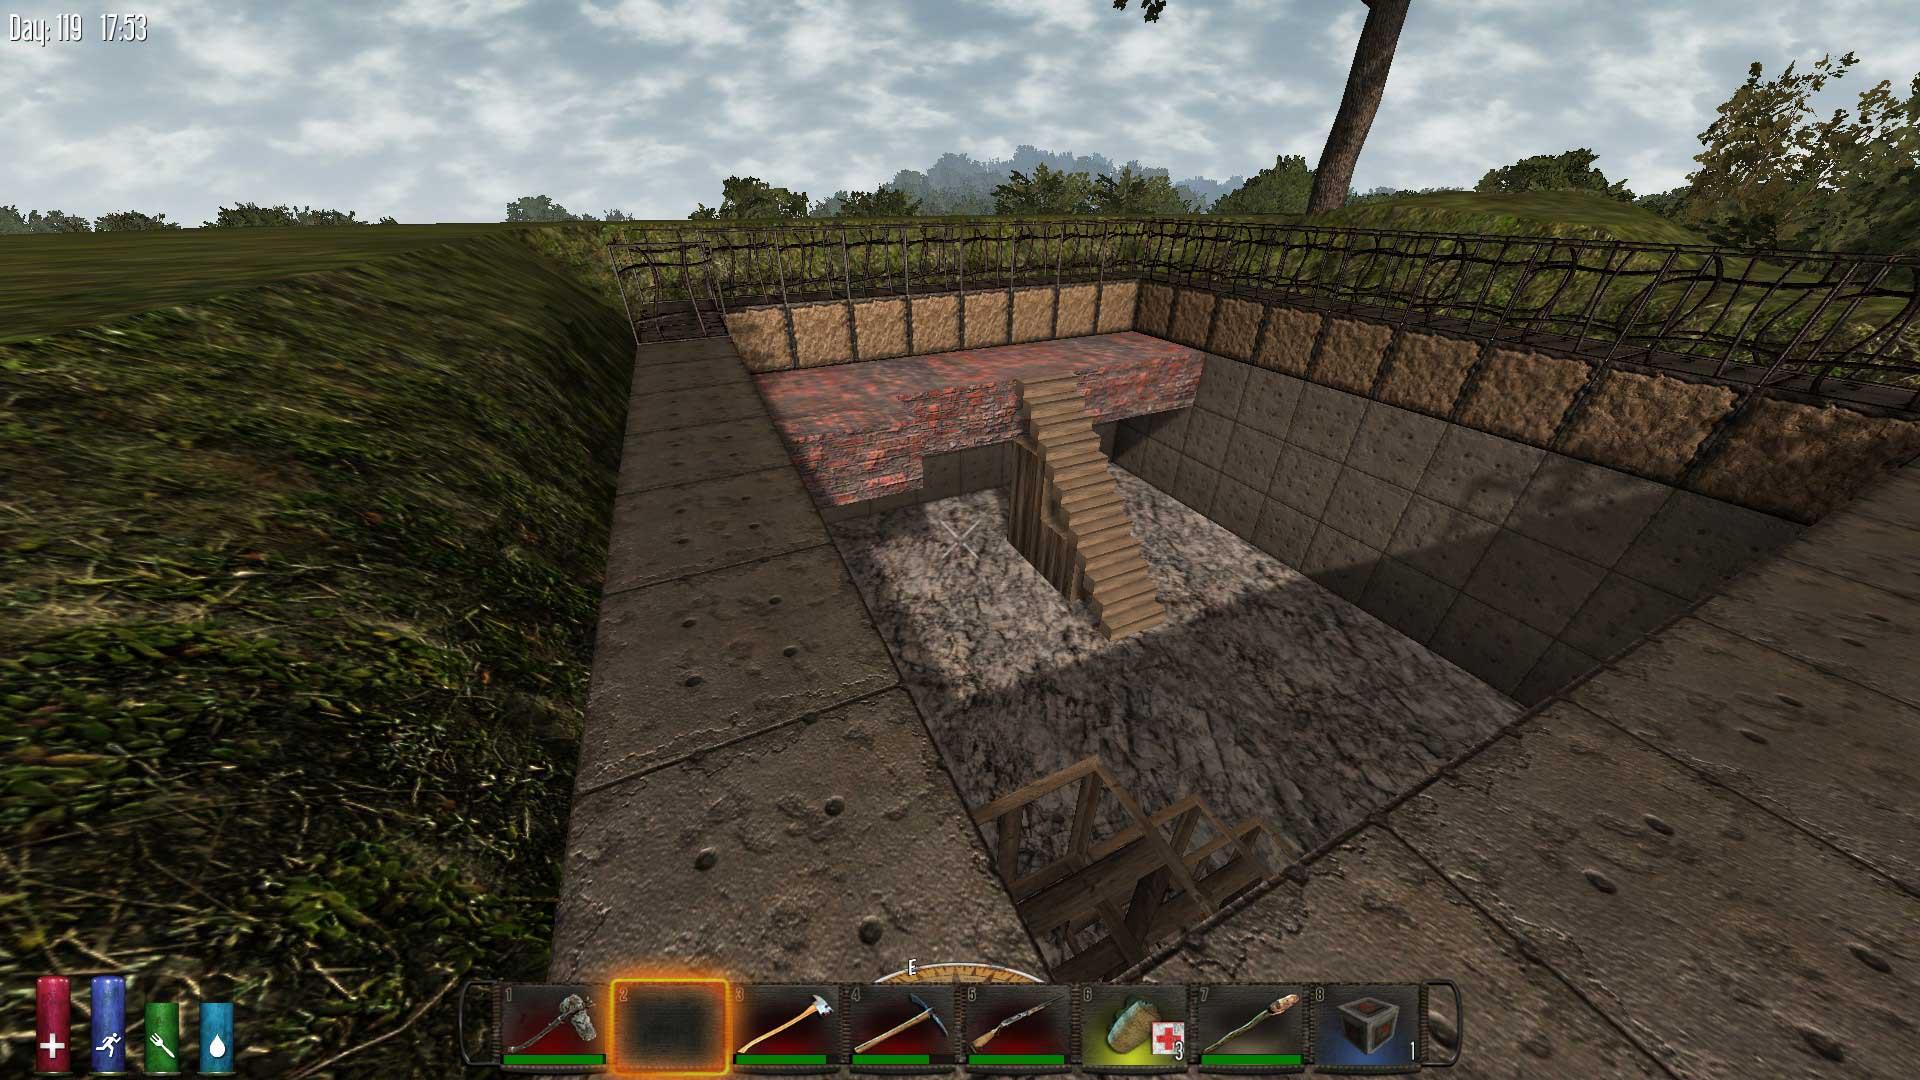 7 days to die castle dread trentbrandon for Wood floor 7 days to die